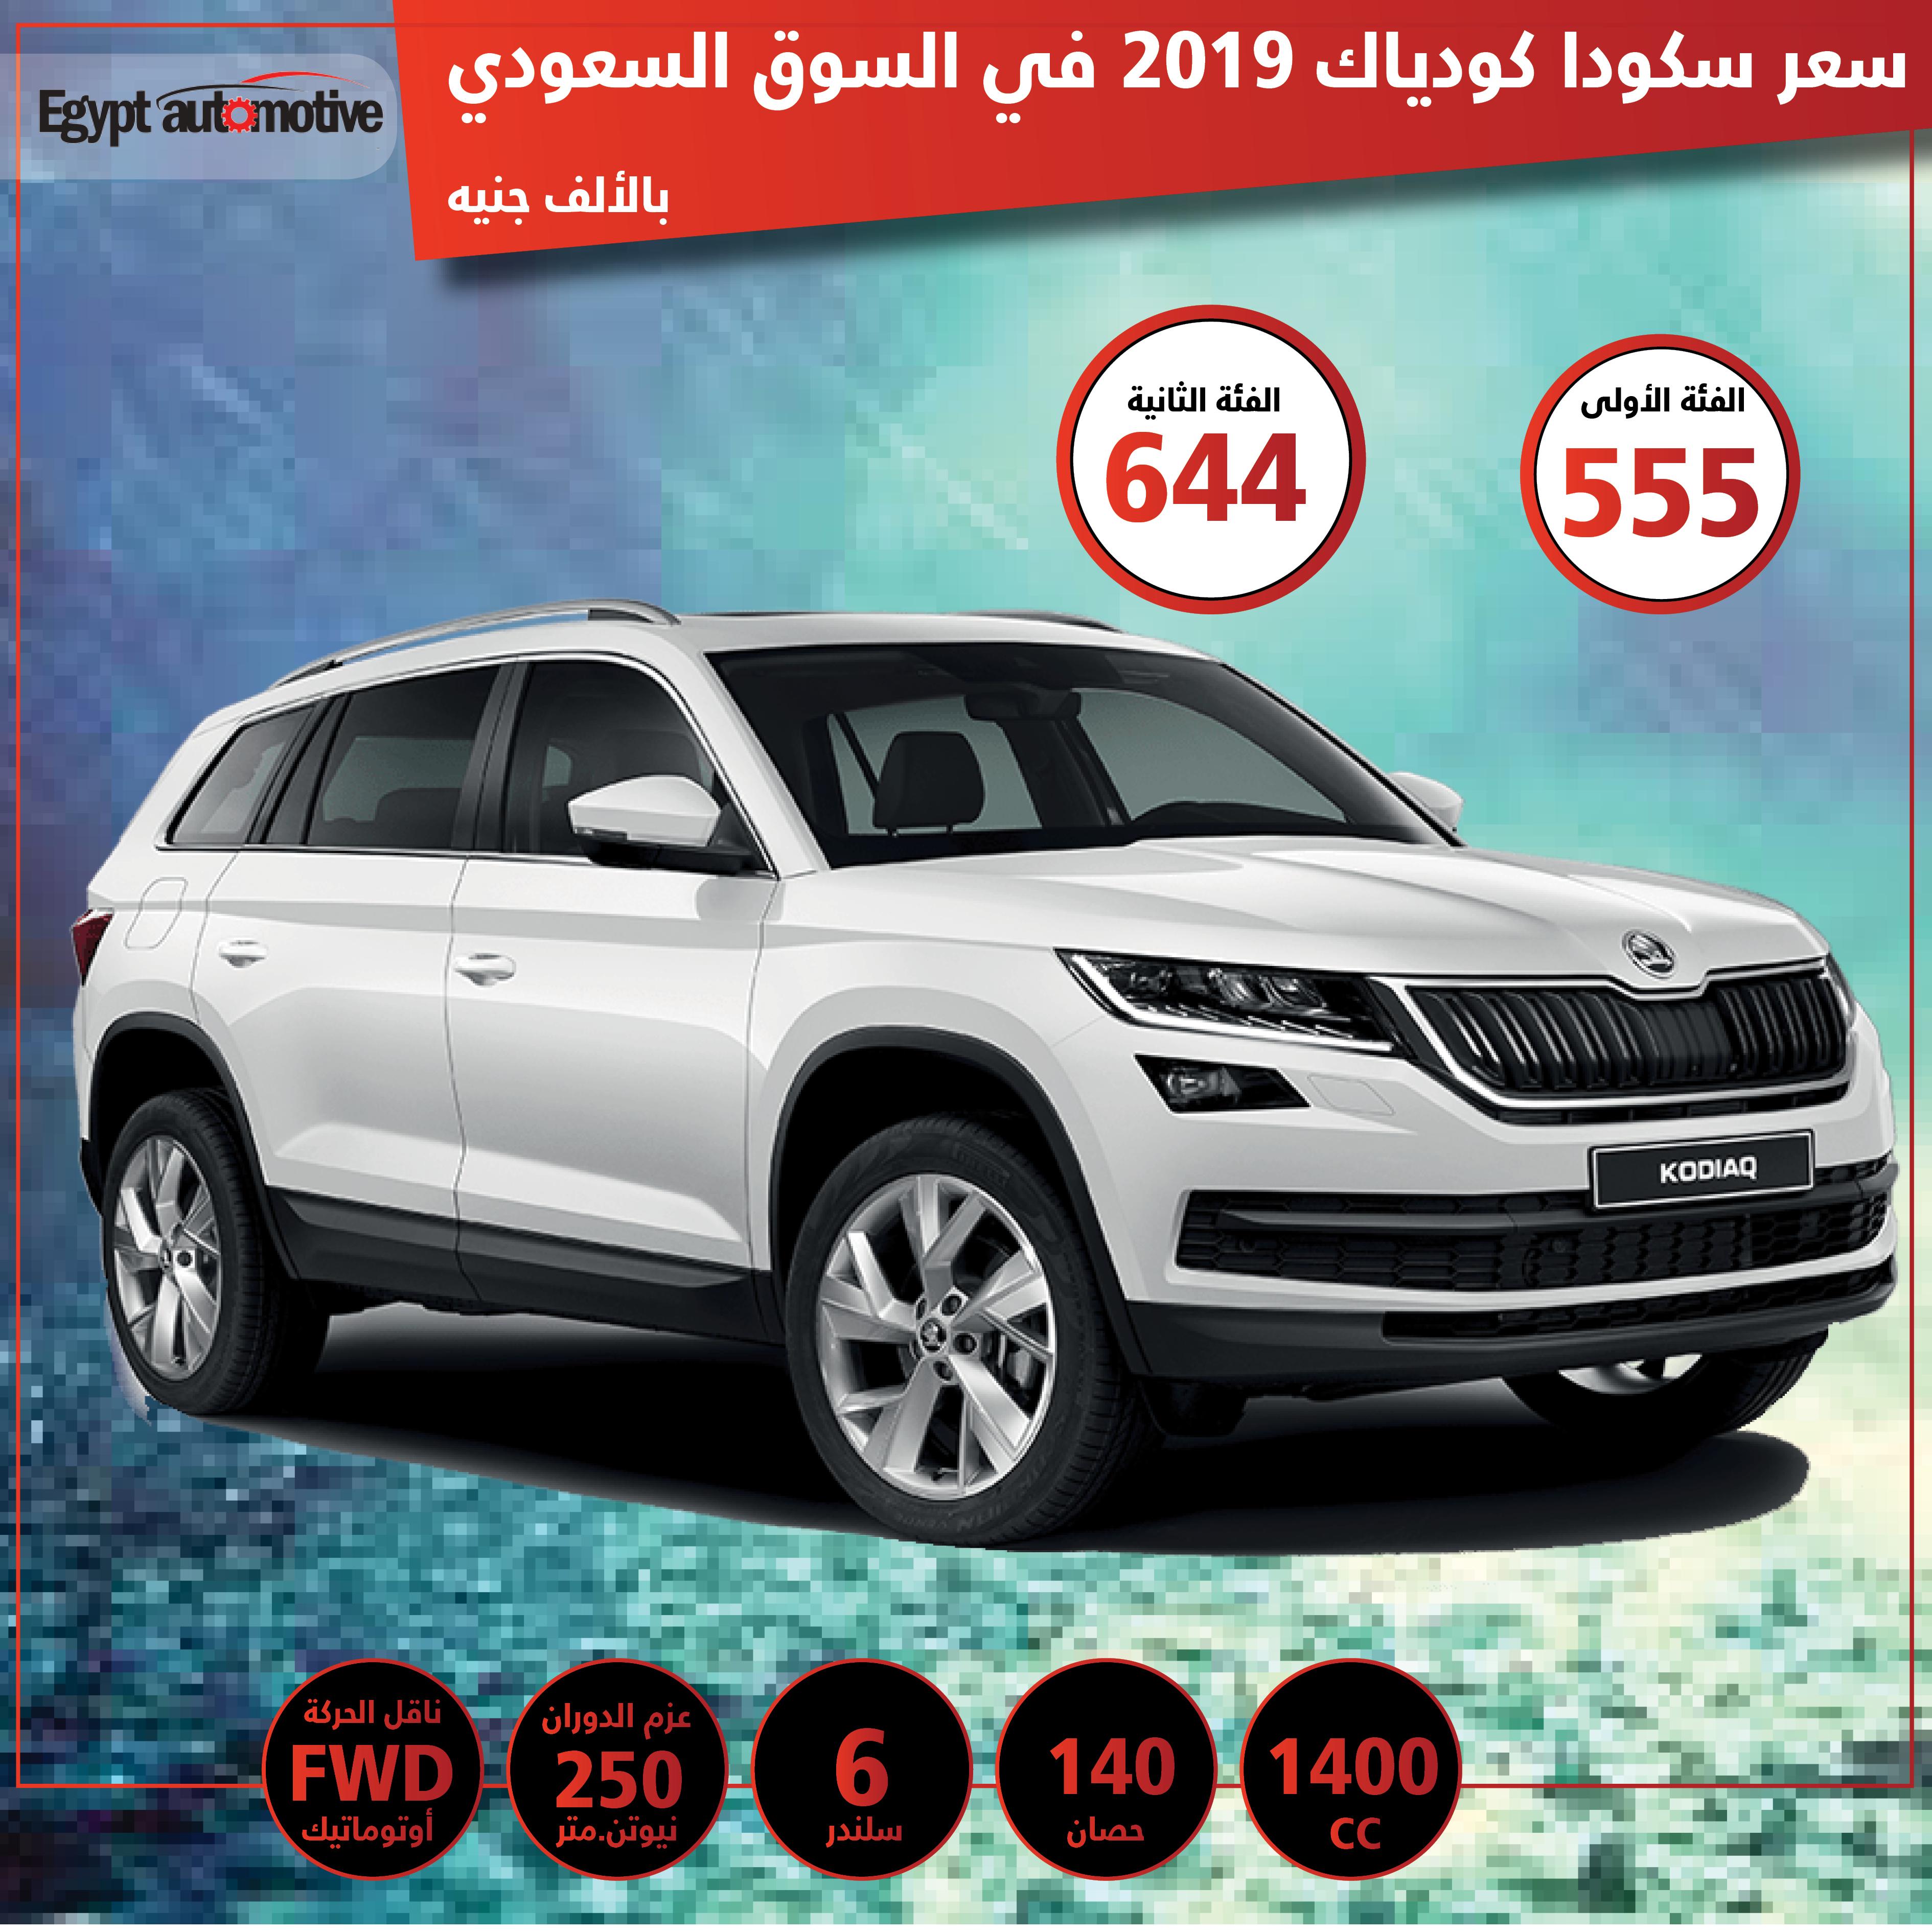 سعر سكودا كودياك 2019 في السعودية يبدأ من 555 ألف جنيه